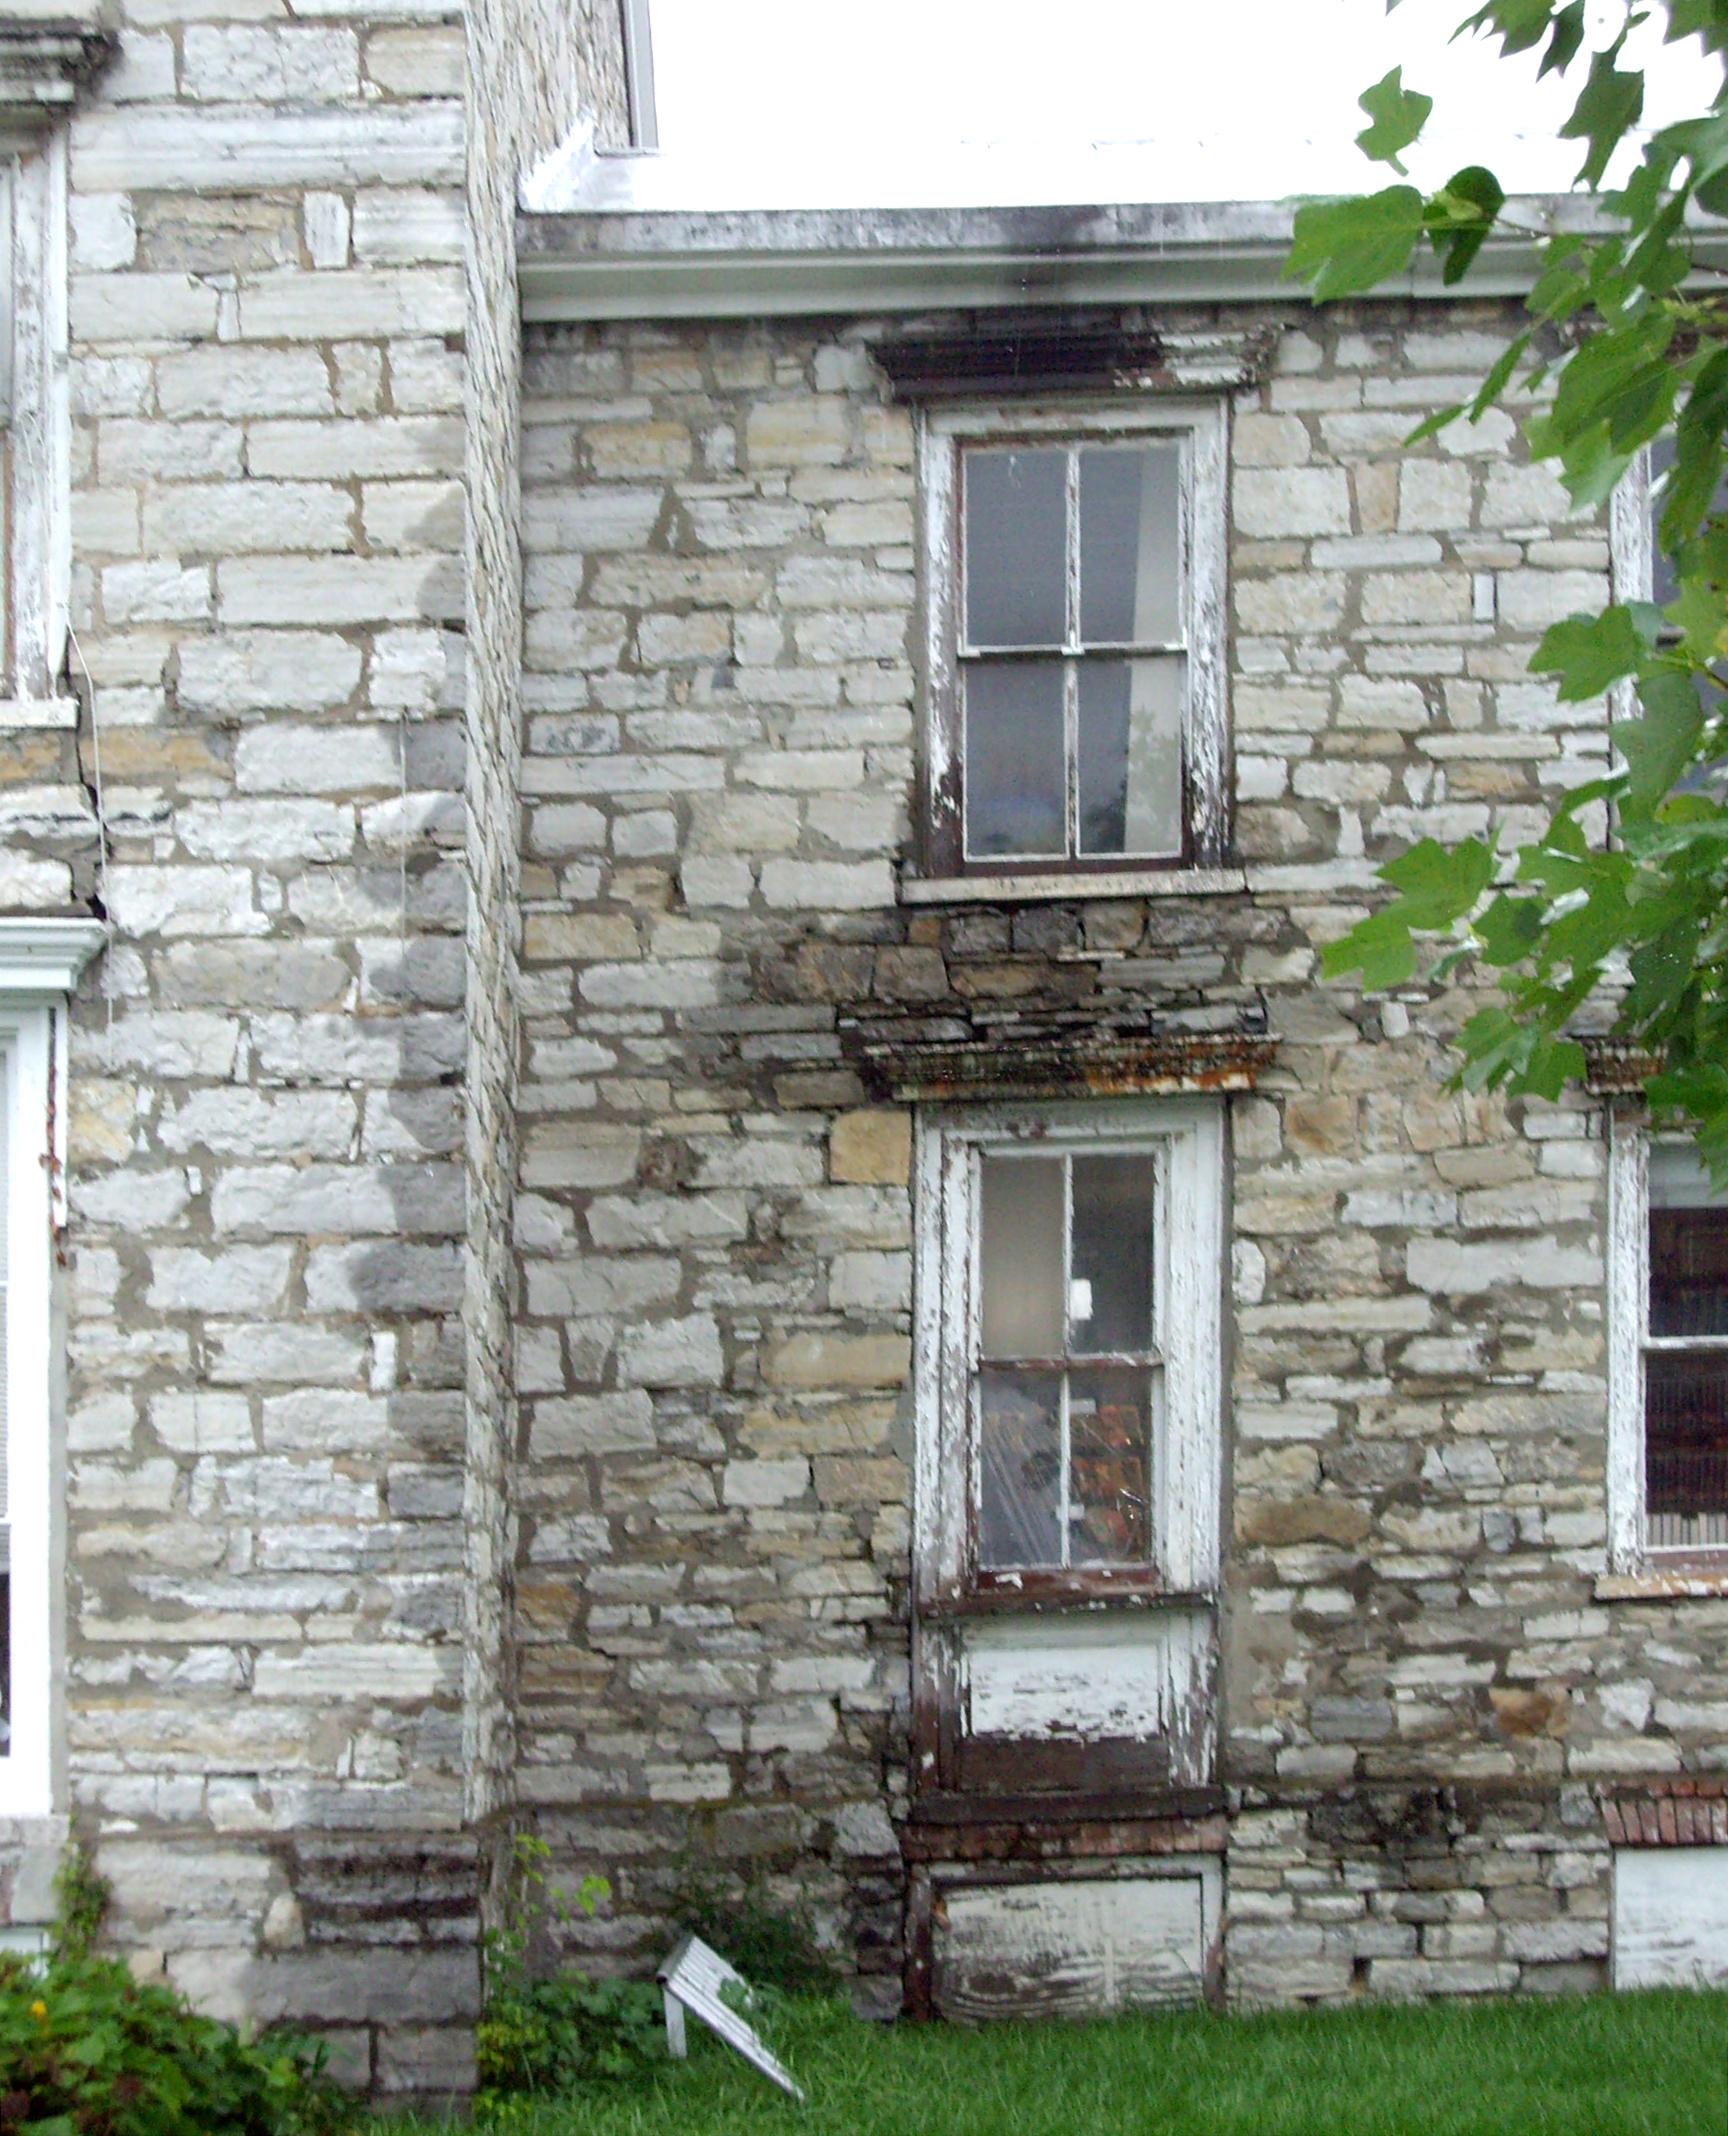 9_01_19_06 213_facade.jpg